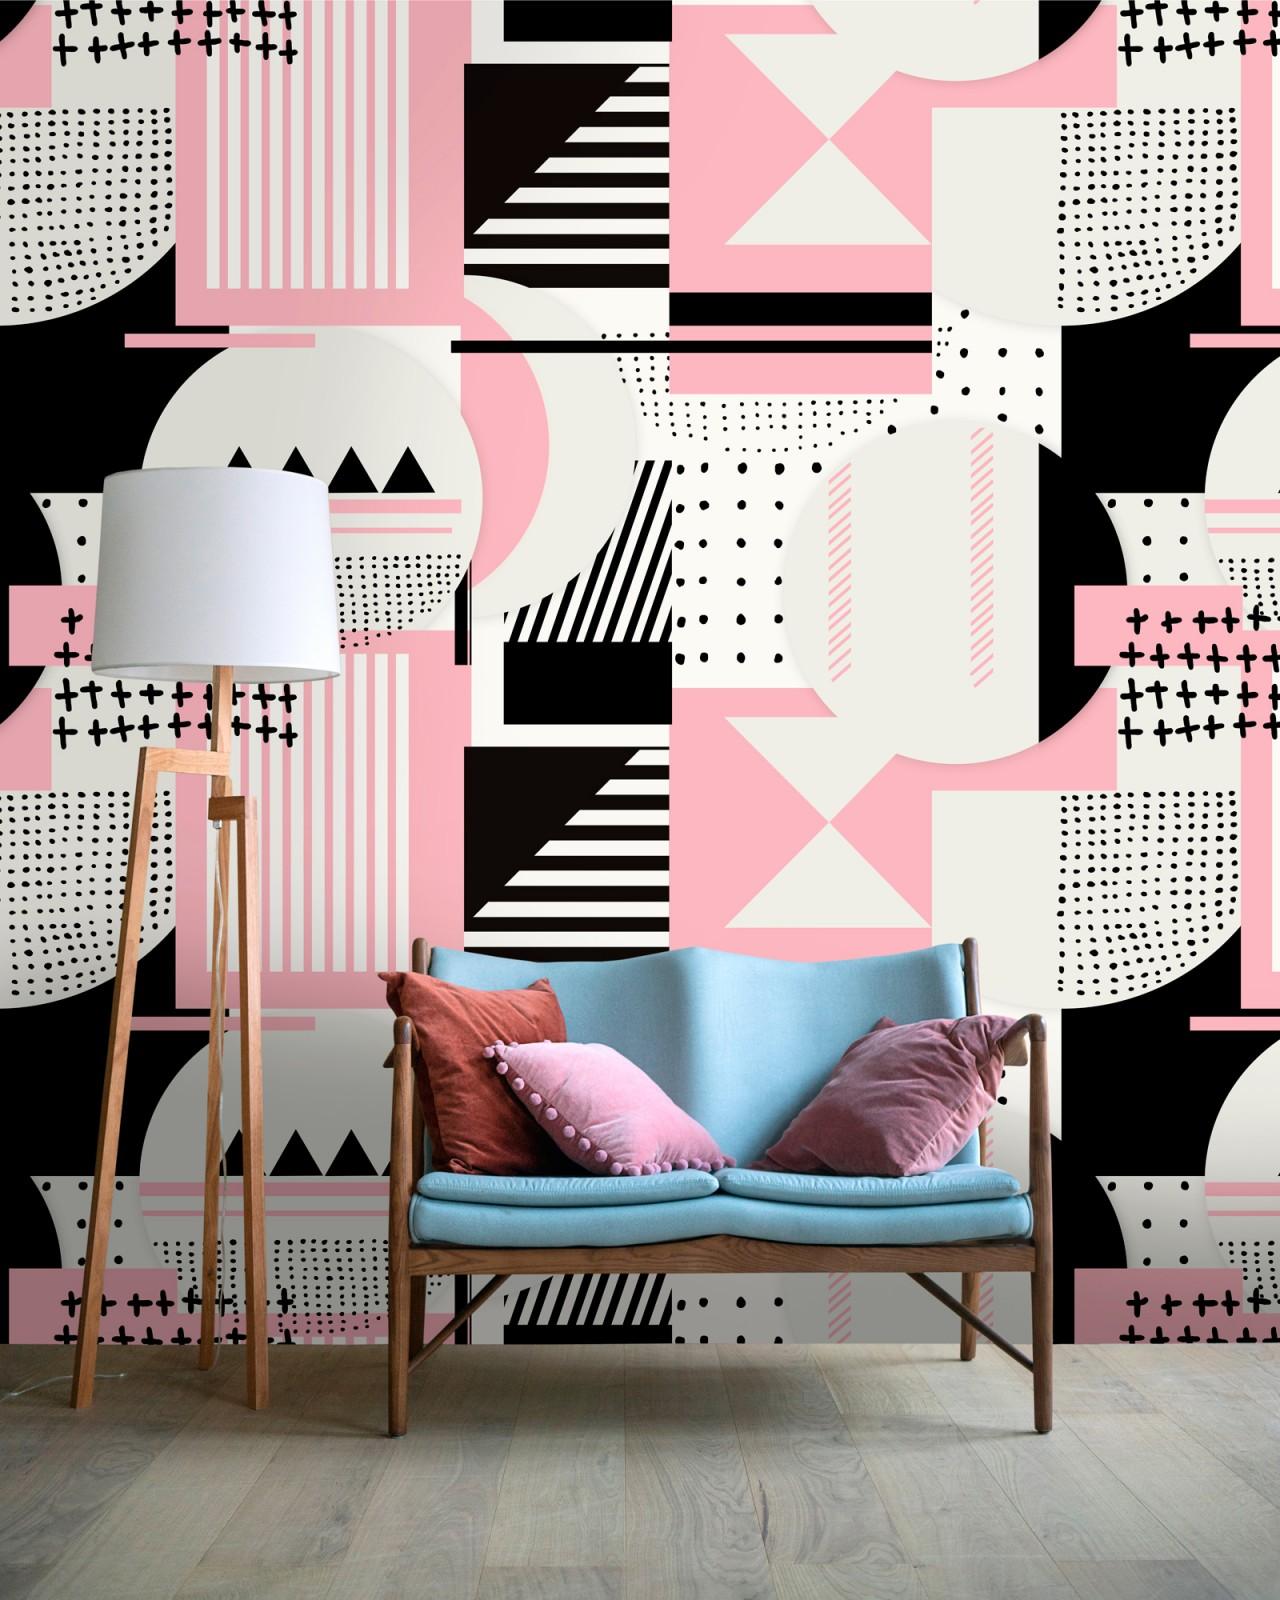 SIMPLE THINGS Wallpaper